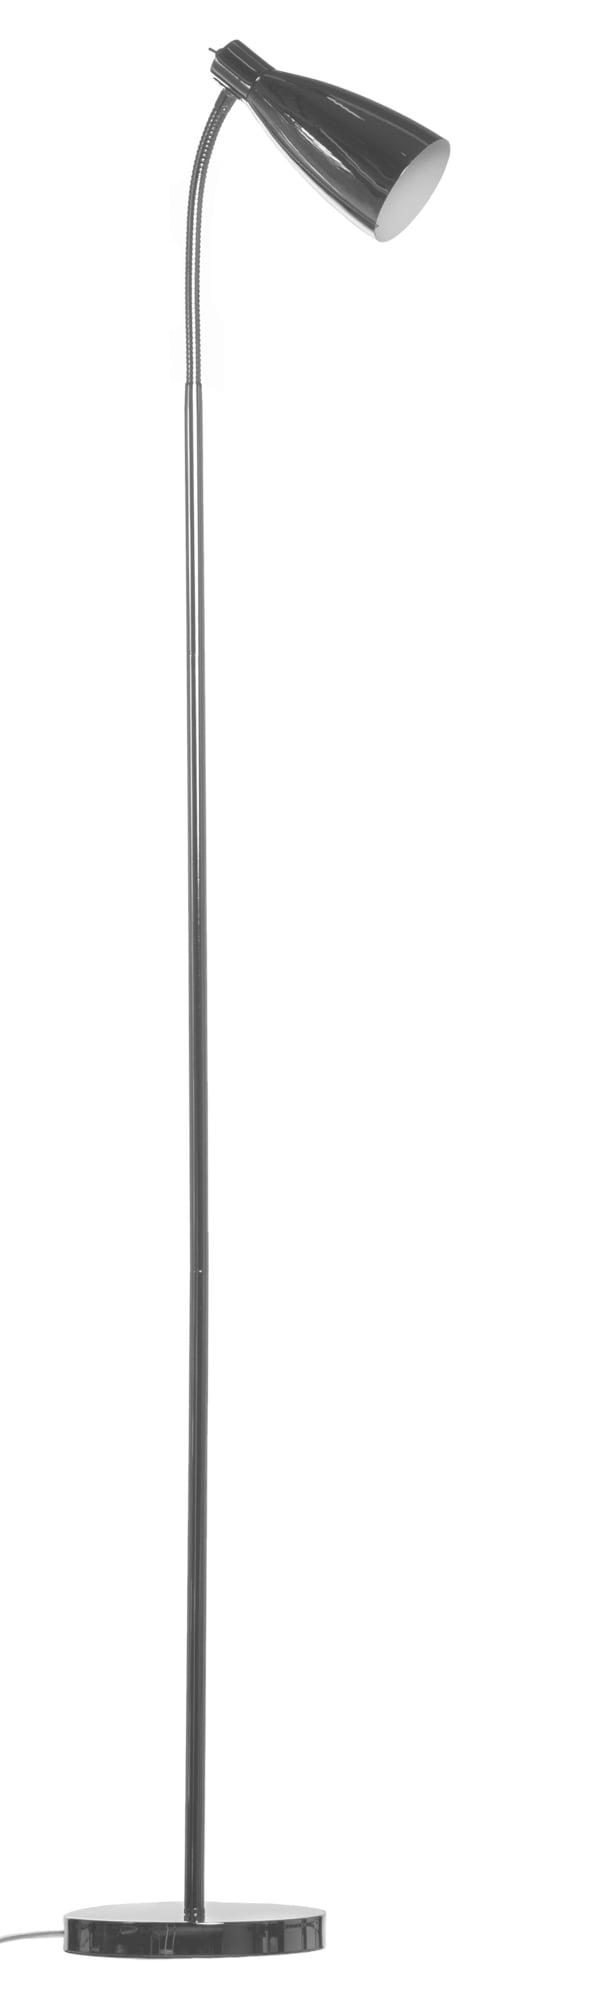 Metallinen lattiavalaisin jossa kytkin on valaisimen kupuosassa. Jalkalamppu on kromin värinen. Kuvun sisäosa on valkoinen.